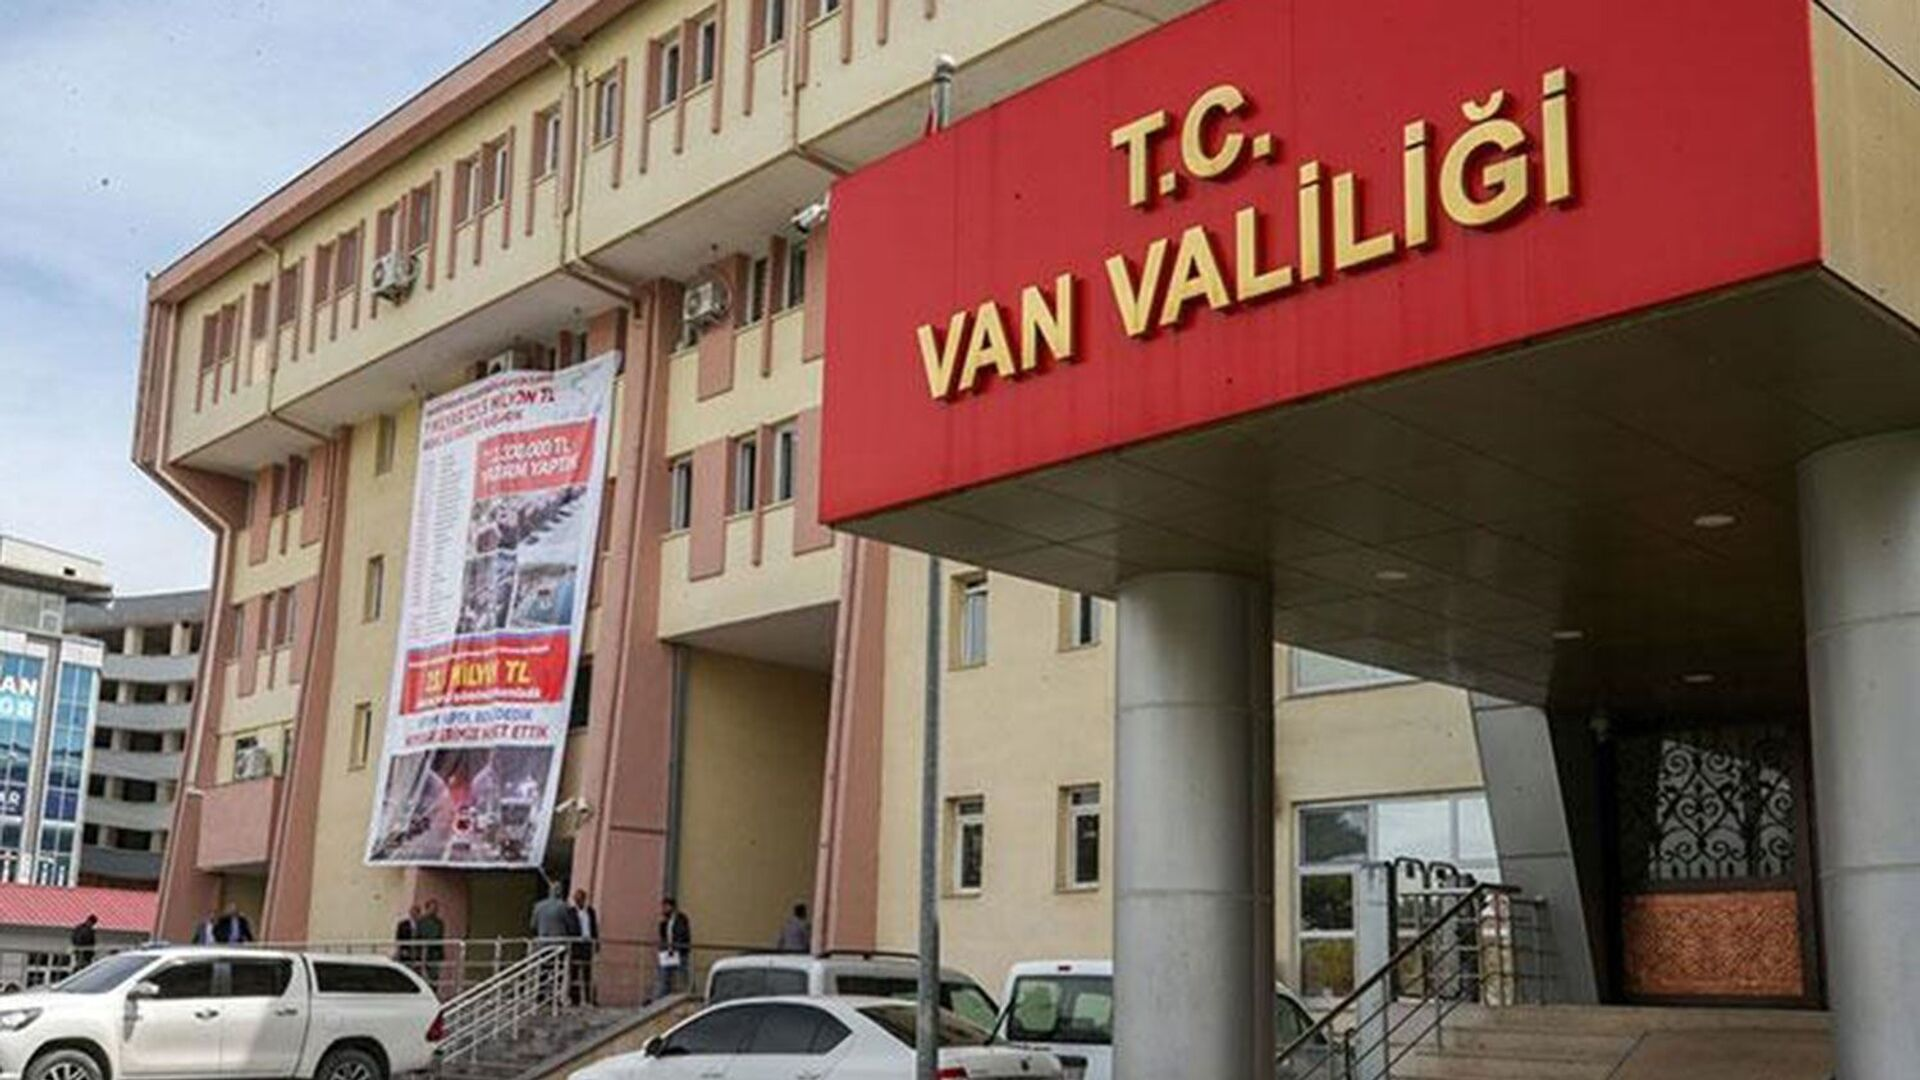 Van Valiliği - Sputnik Türkiye, 1920, 15.09.2021